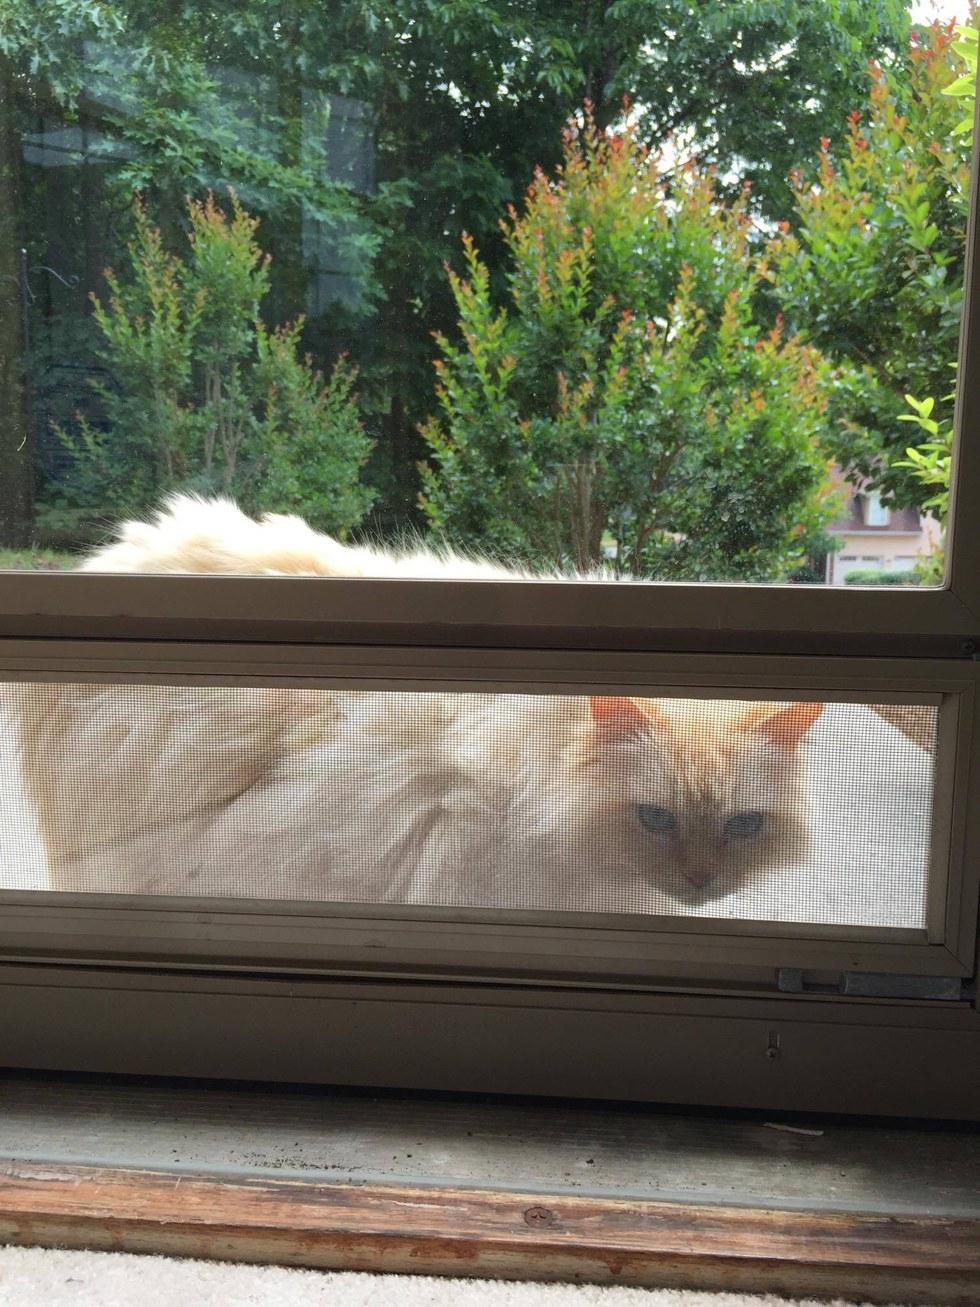 gatto sbircia dalla finestra